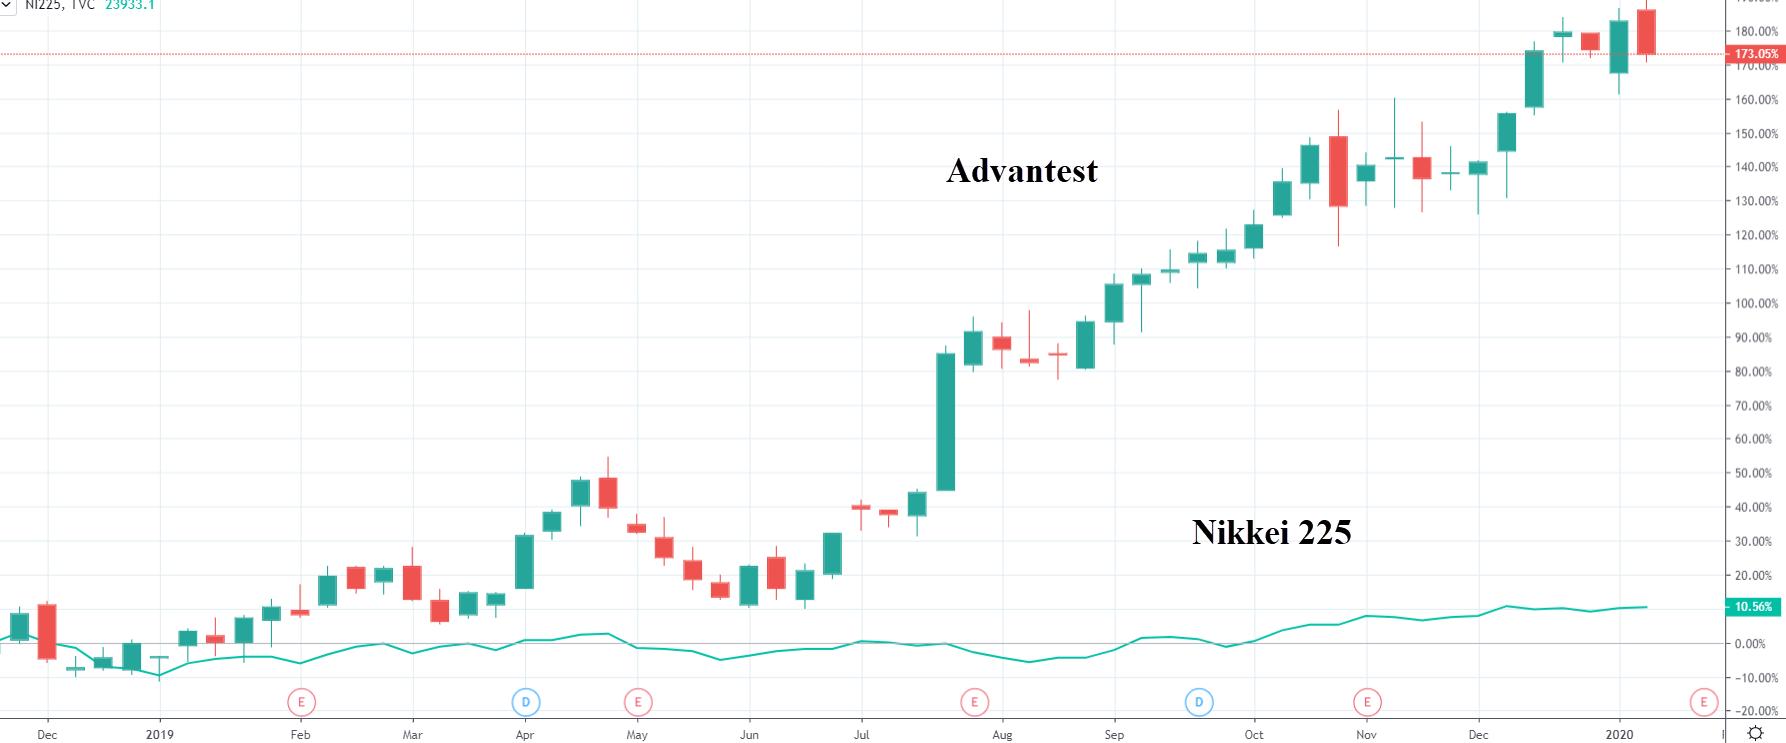 Srovnání výkonnosti akcie Advantest a indexu Nikkei 225